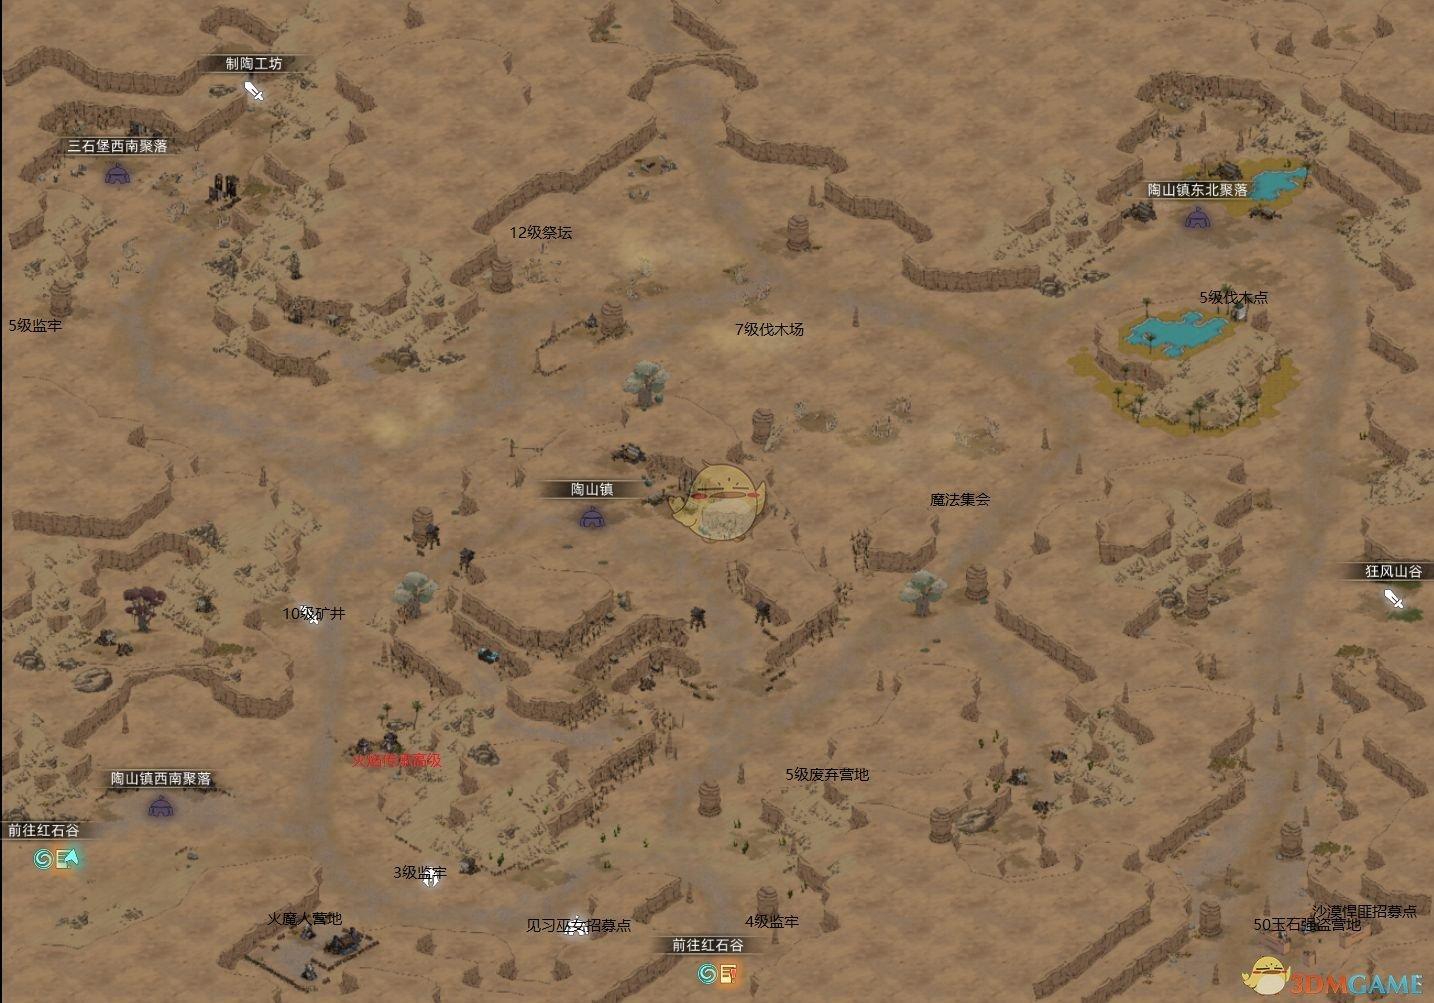 《部落与弯刀》图文上手指南 系统详解教程及玩法技巧